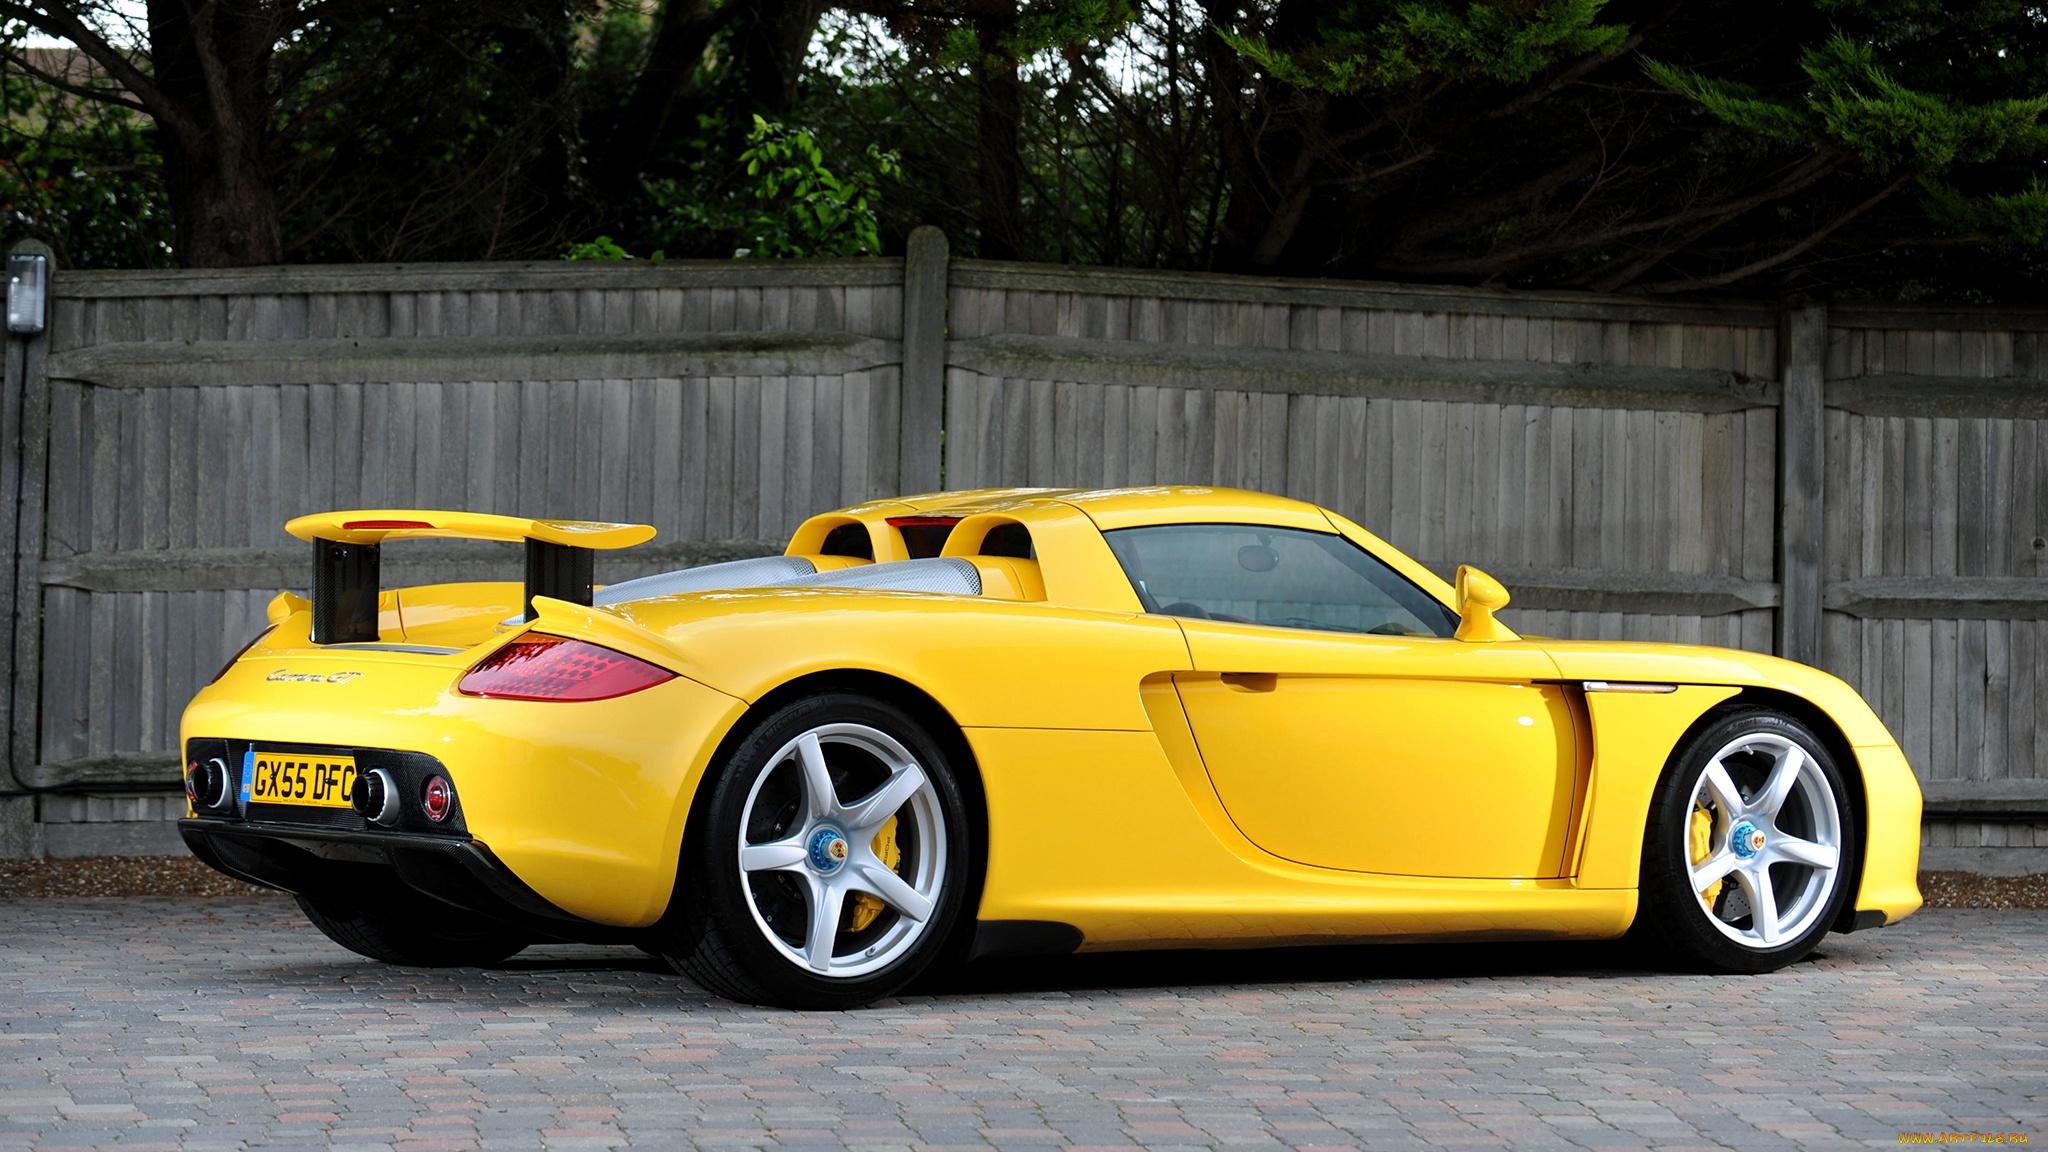 красный спортивный автомобиль Porsche Carrera GT подборки